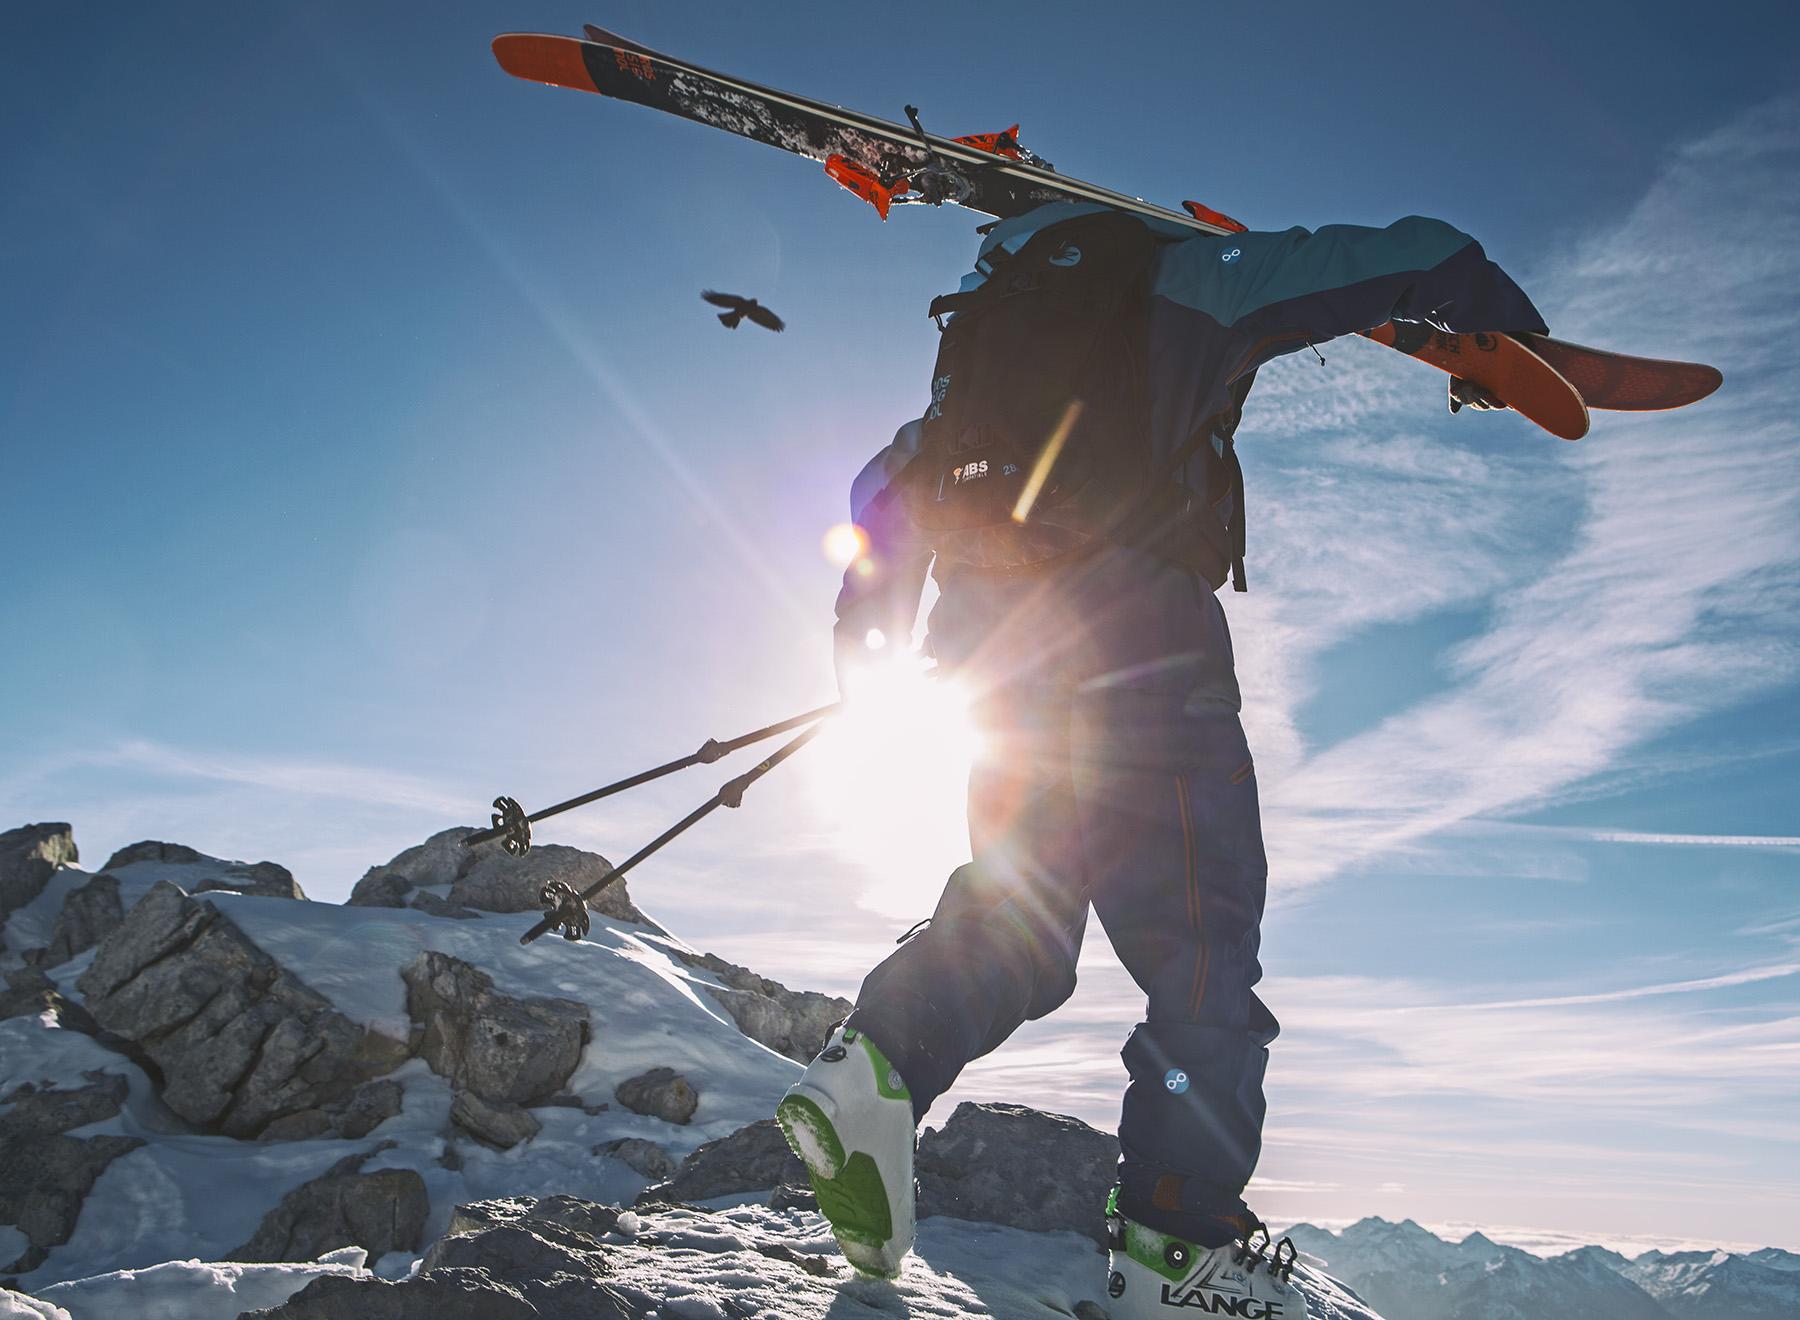 Ski_action_pyua_dachstein_schnee_christoph gramann